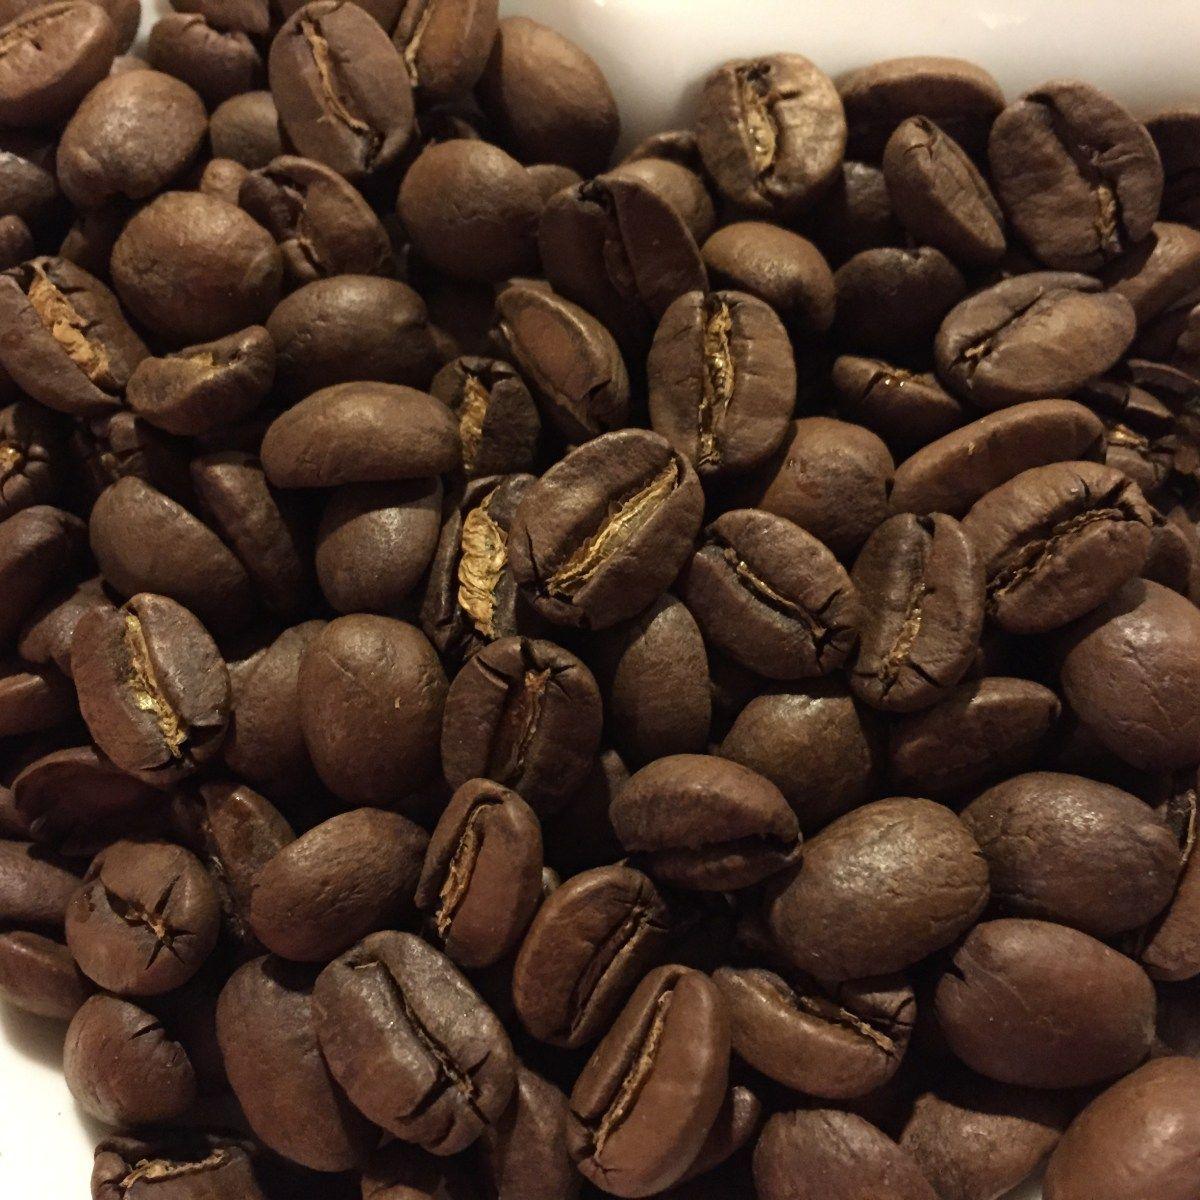 Kenya AA Coffee Beans Hawaiian coffee, Kona coffee